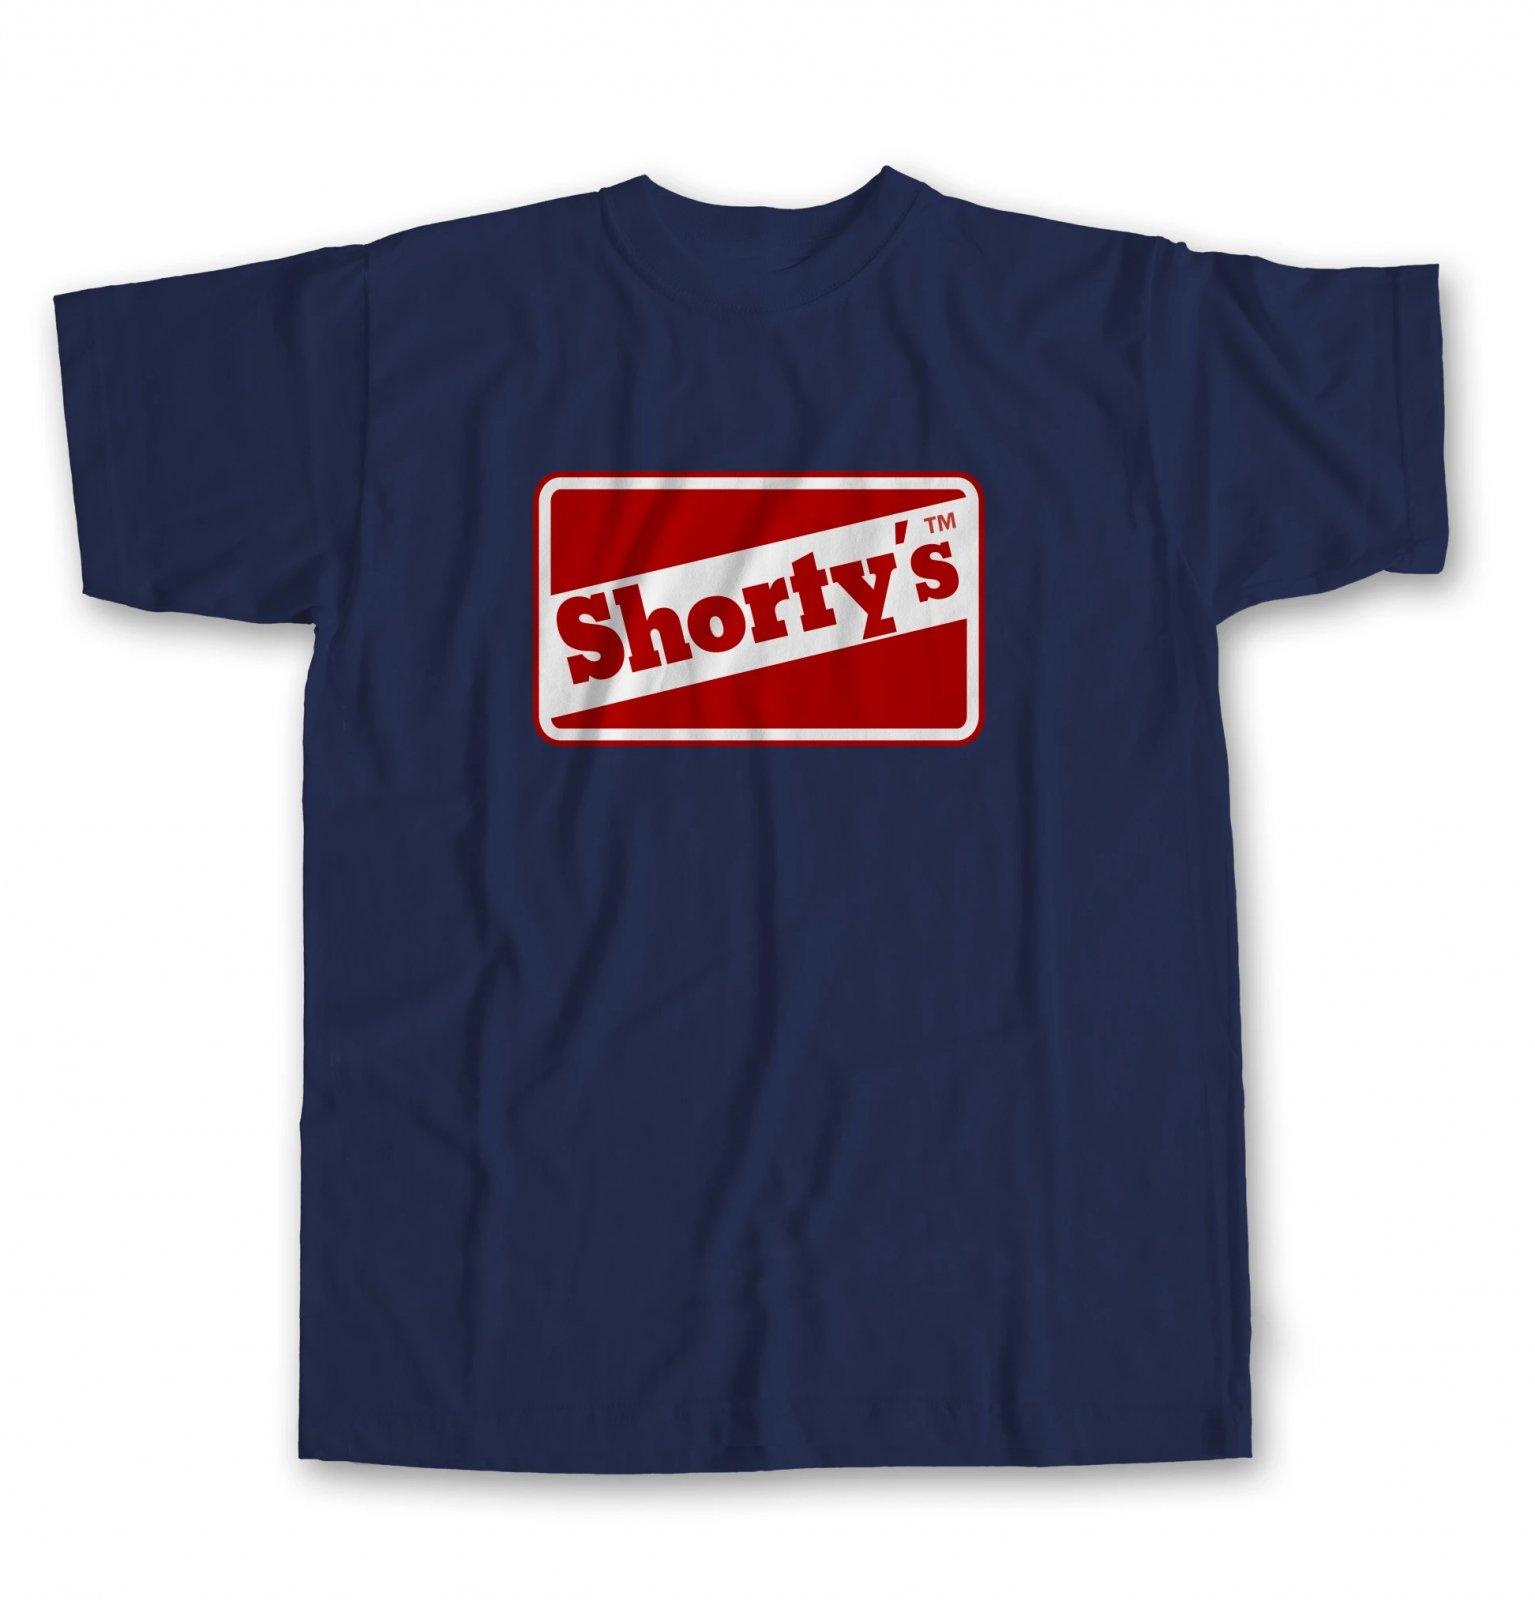 Shorty's OG Logo s/s t shirt navy